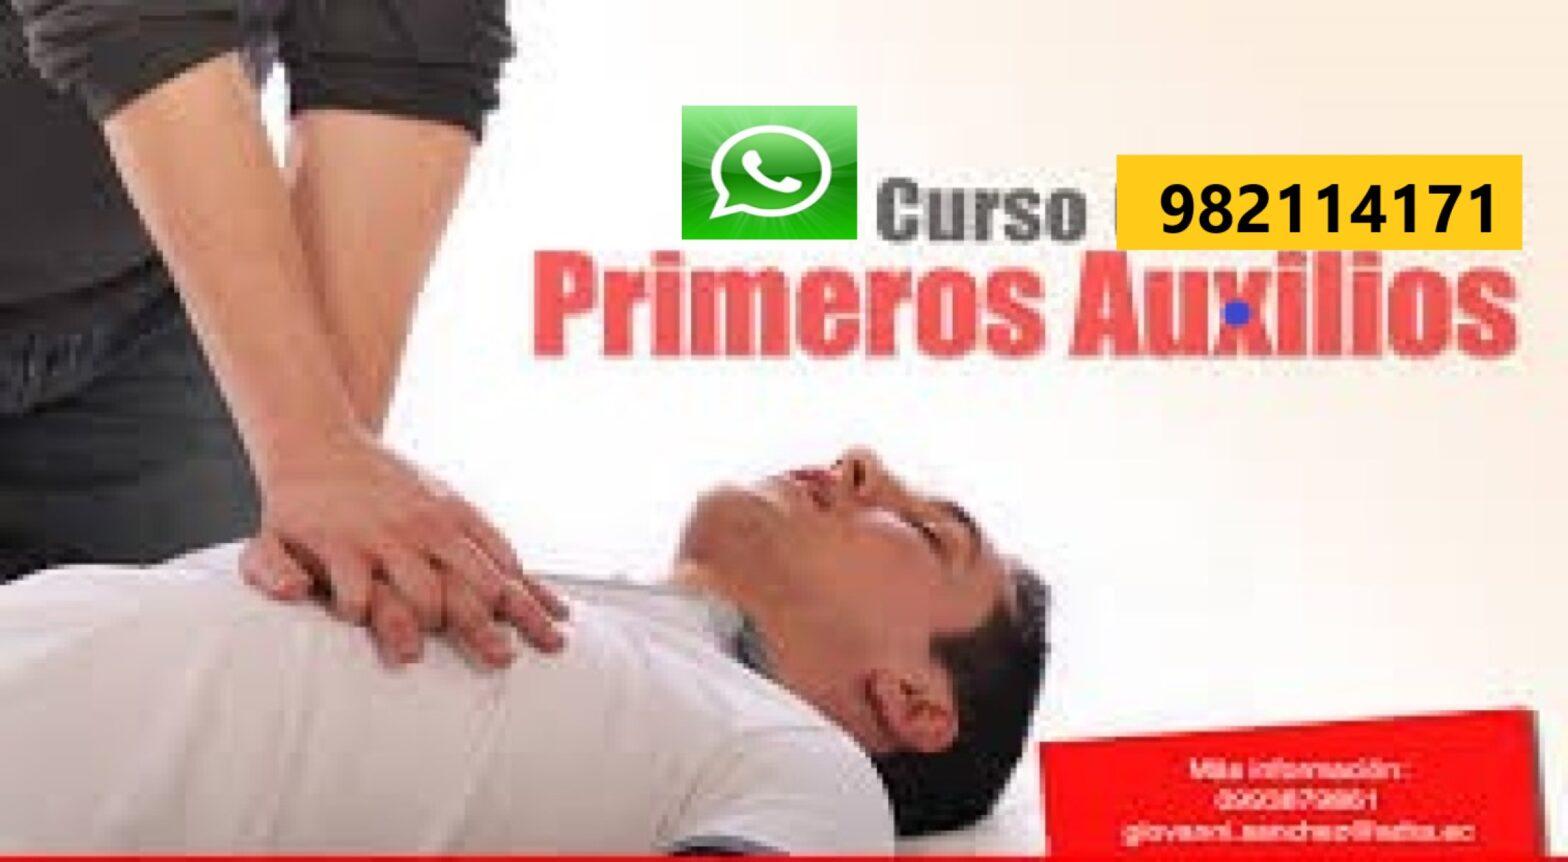 Capacitación, Curso en Primeros Auxilios, Respiración Cardiovascular y Manejo de Extintores Certificado en Lima, Callao